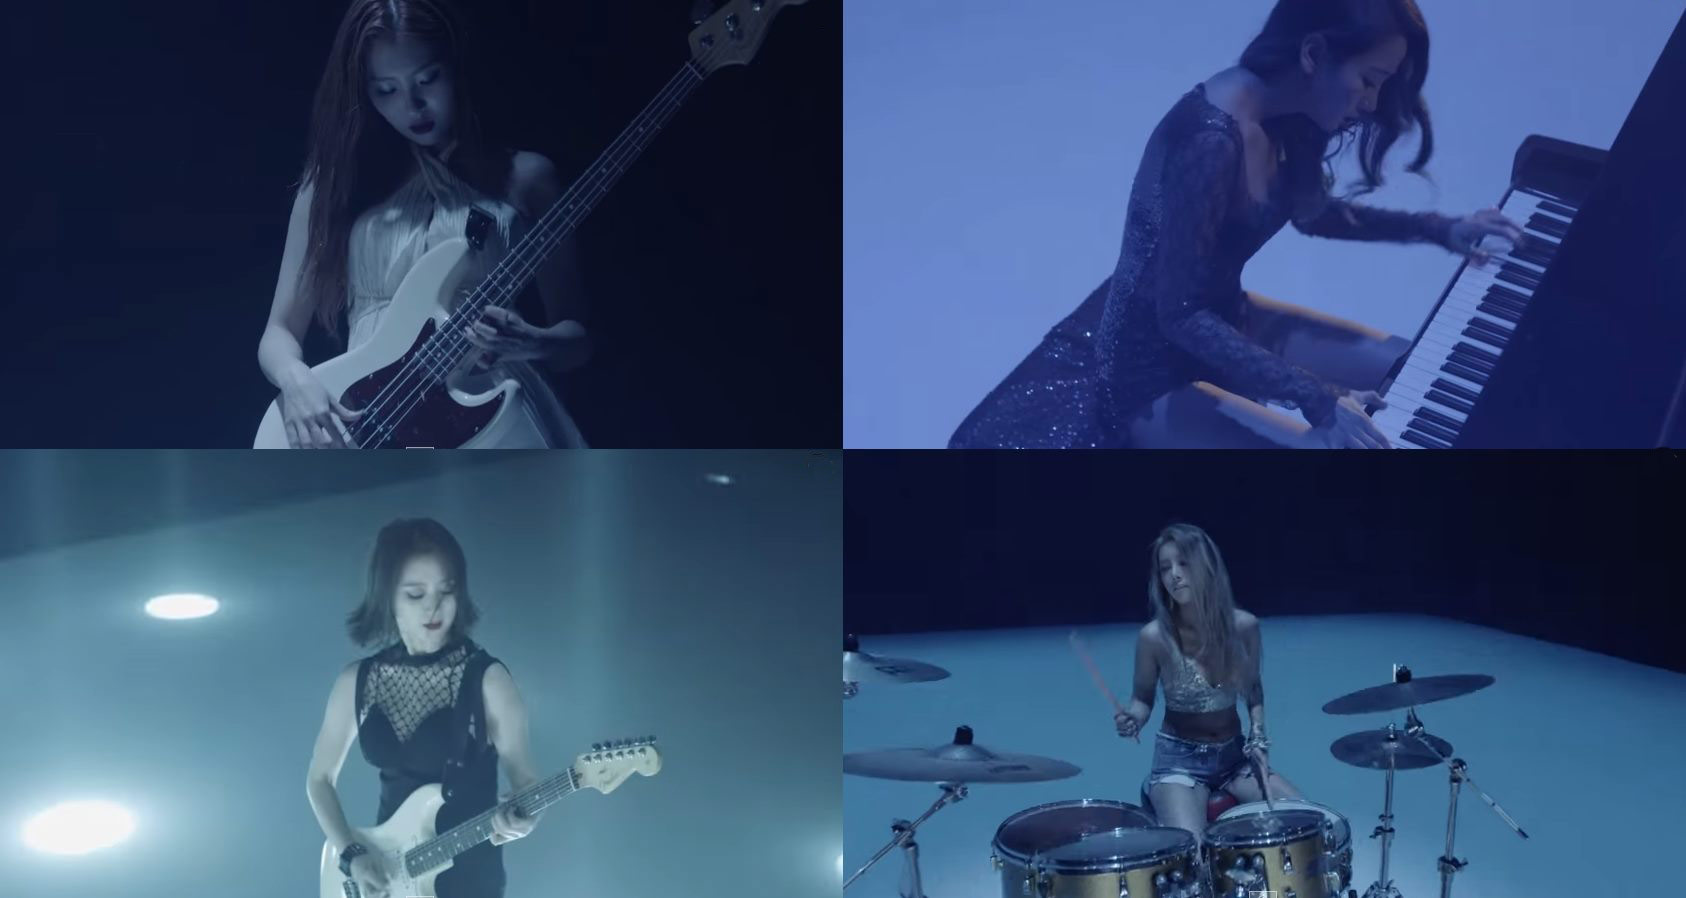 日前JYP釋出每個人的預告影片~原來都勤練了樂器啊! 婑斌鼓手、譽恩鍵盤手、惠林吉他手、宣美則是貝斯手!